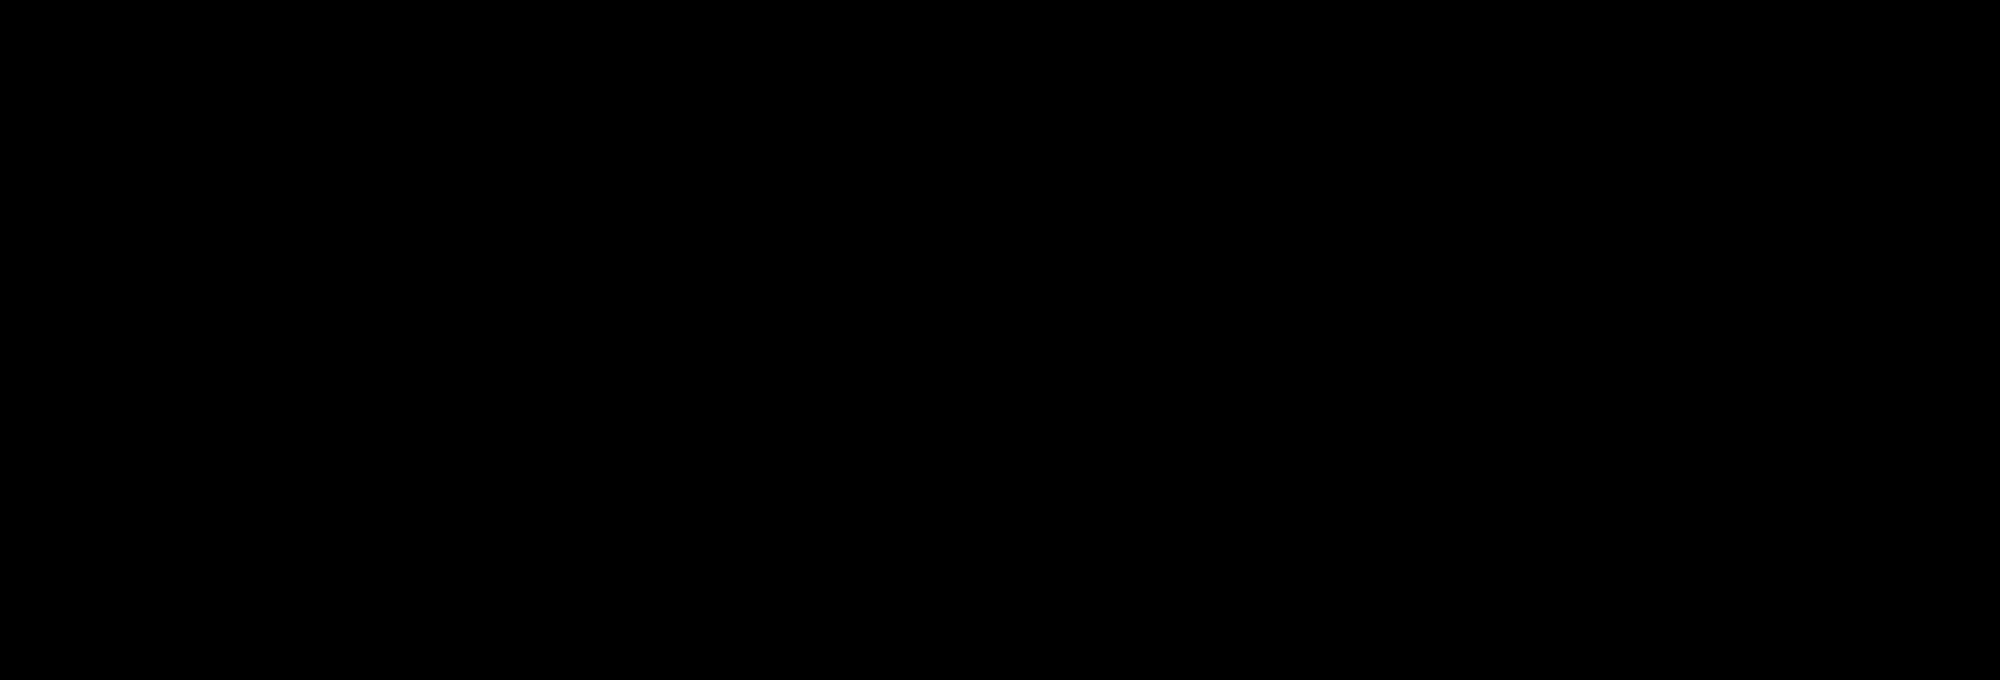 Open PlusPng.com  - Ufc PNG